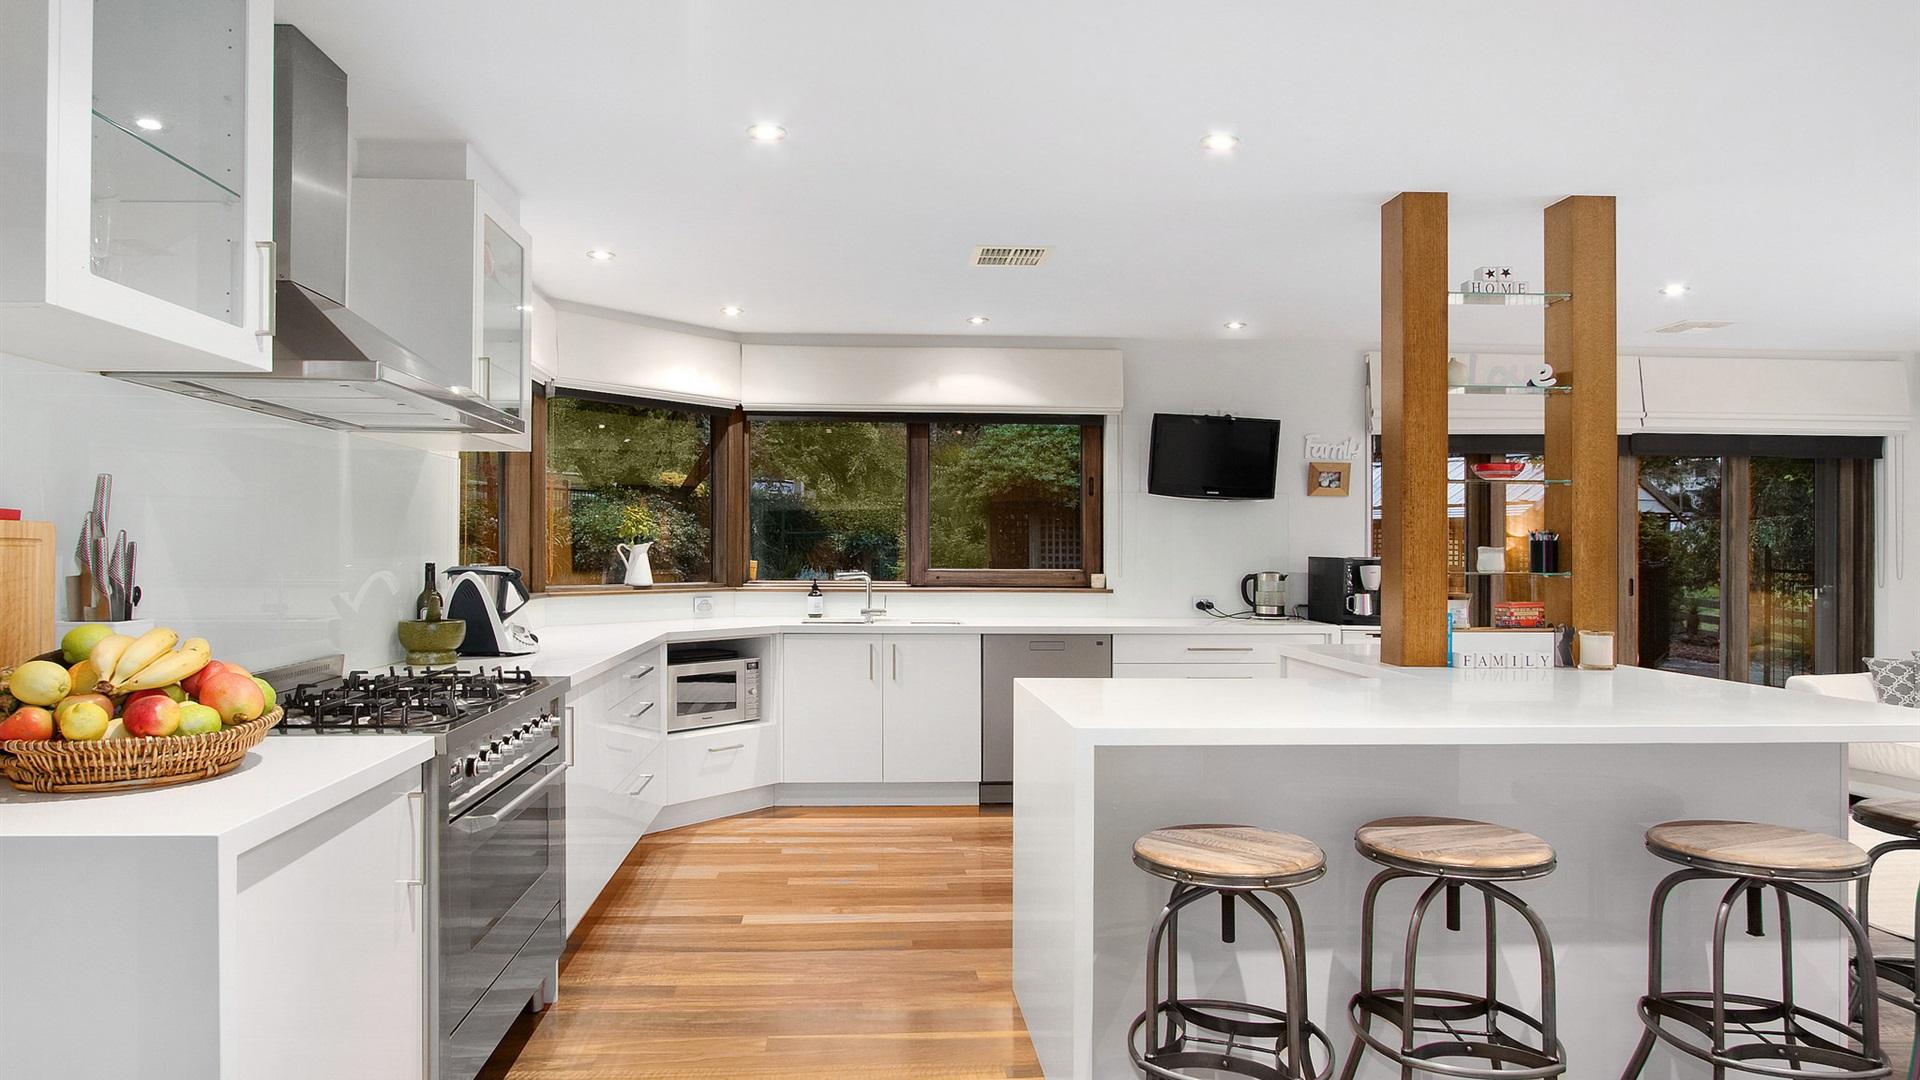 桌布 廚房設計,家具,現代簡約風格 1920x1200 HD 高清桌布, 圖片, 照片